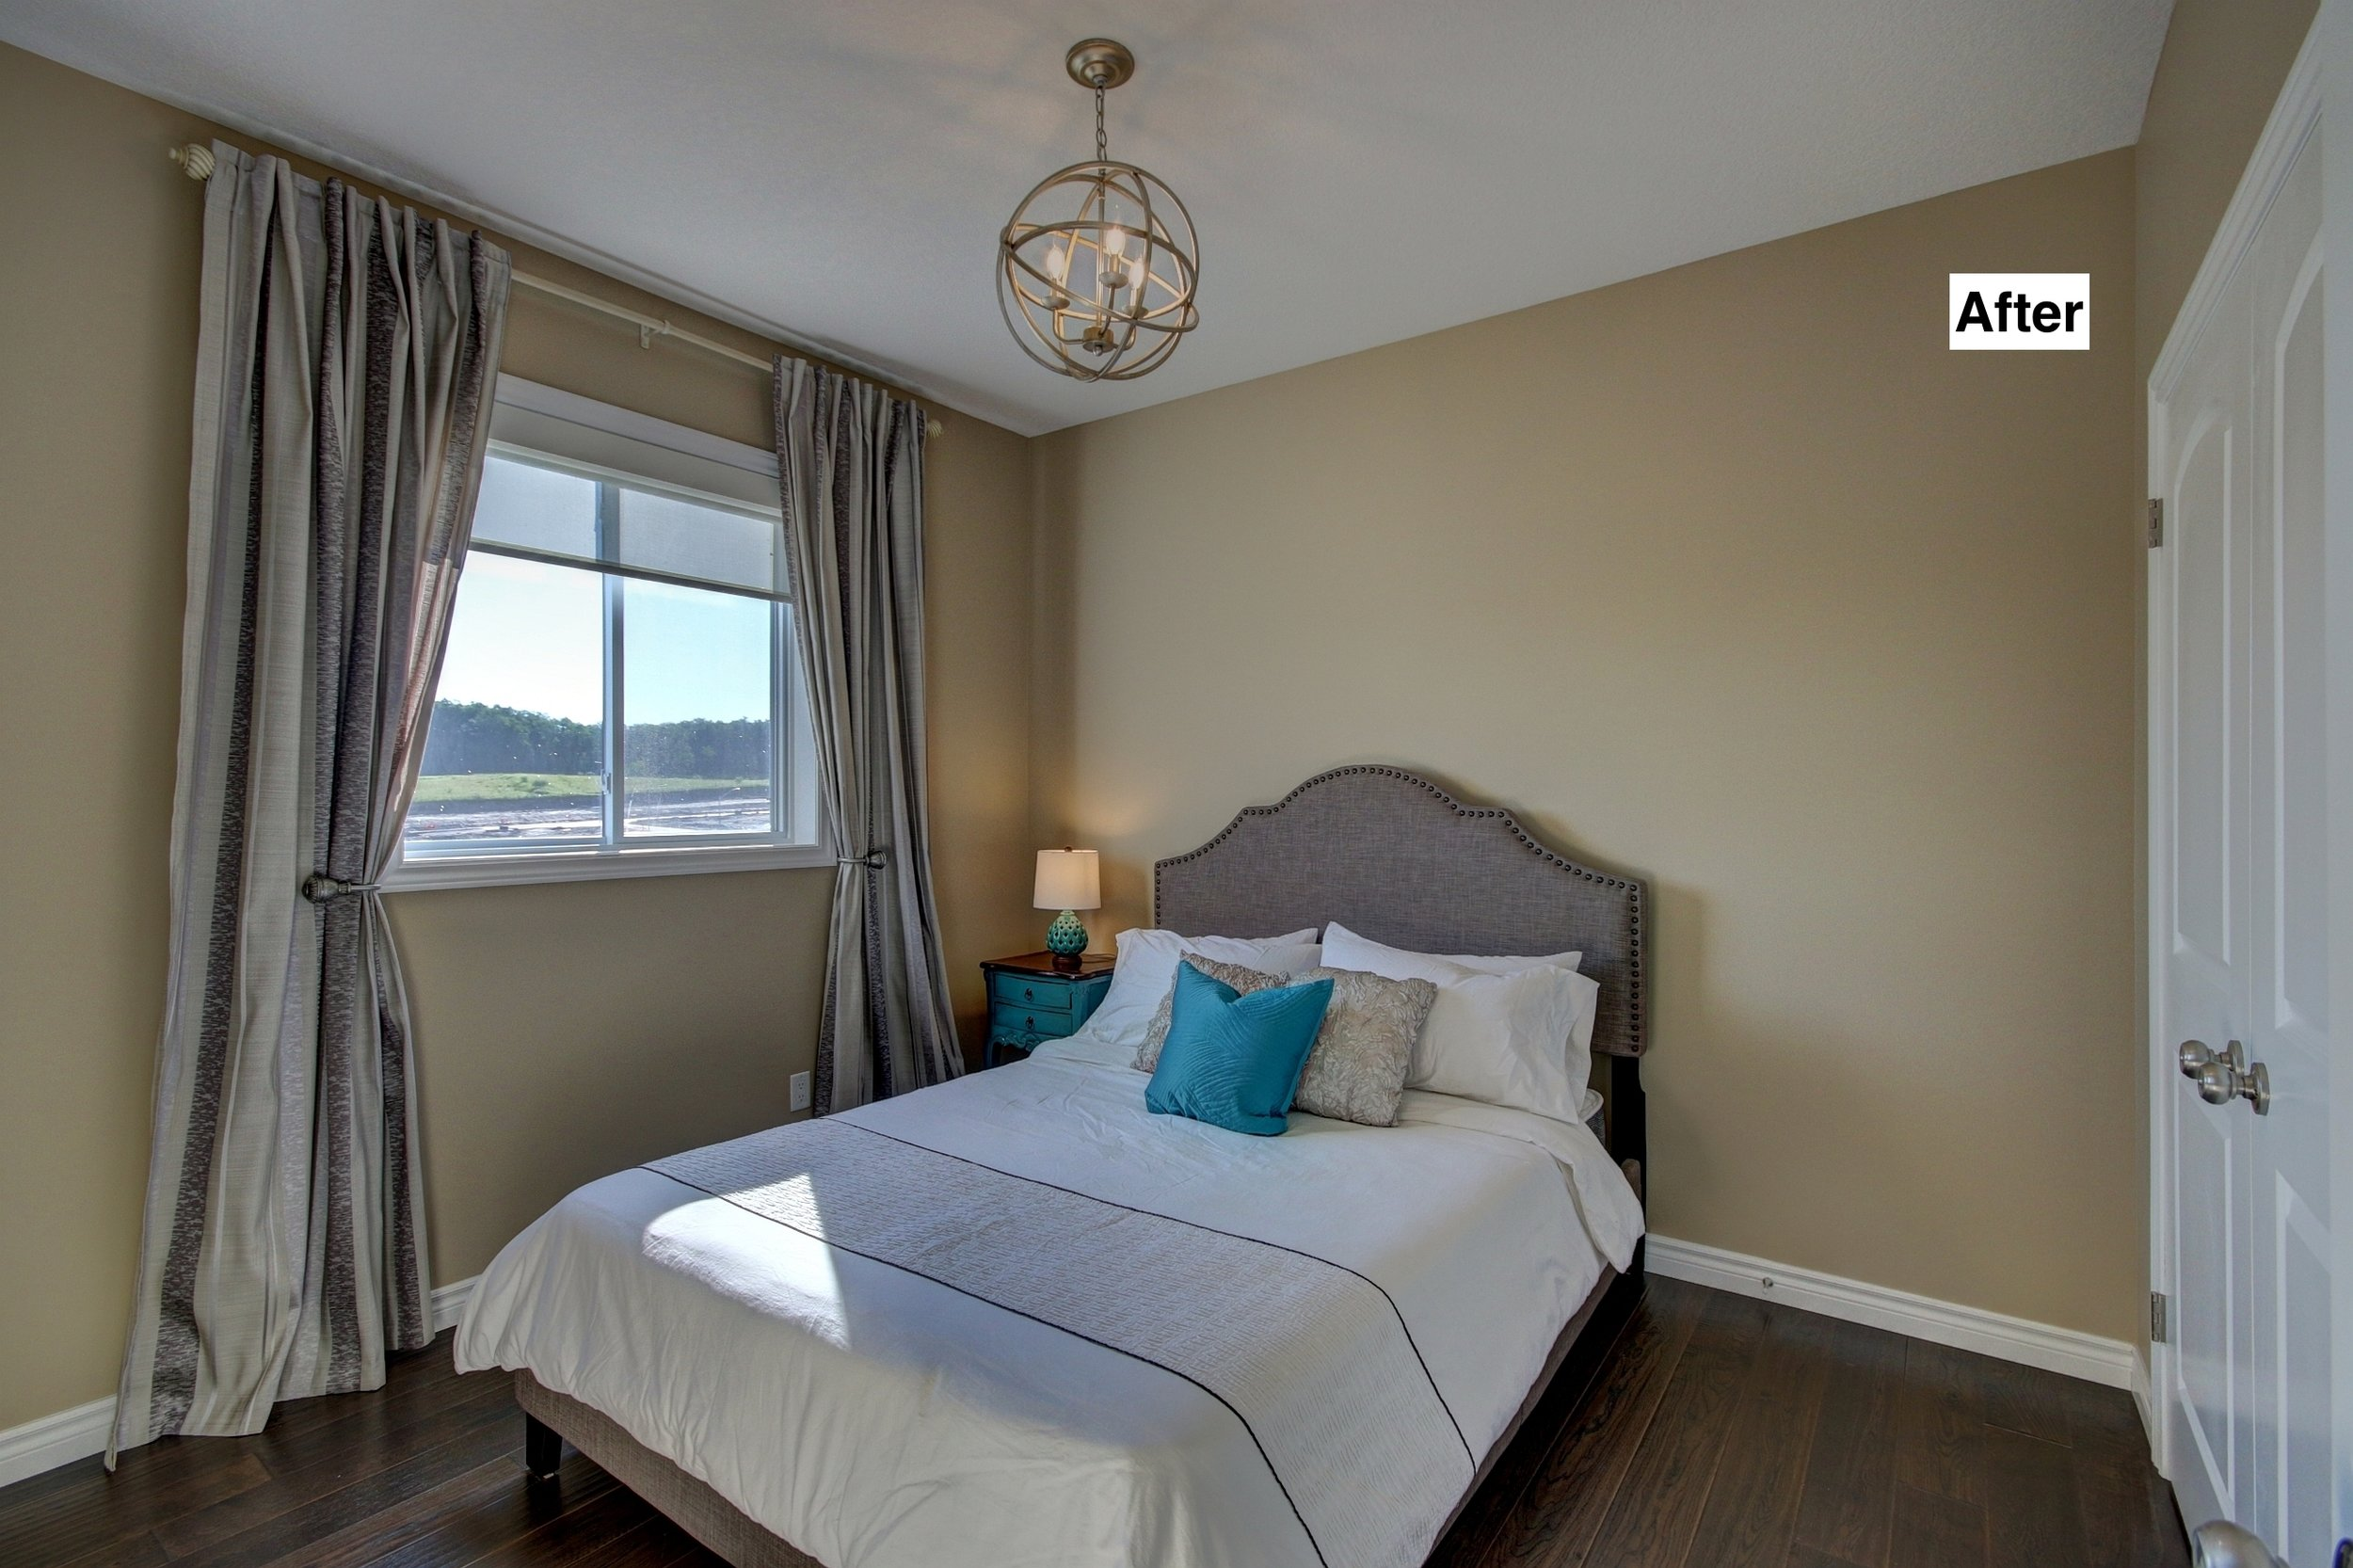 TW bedroom 3 - after.jpg